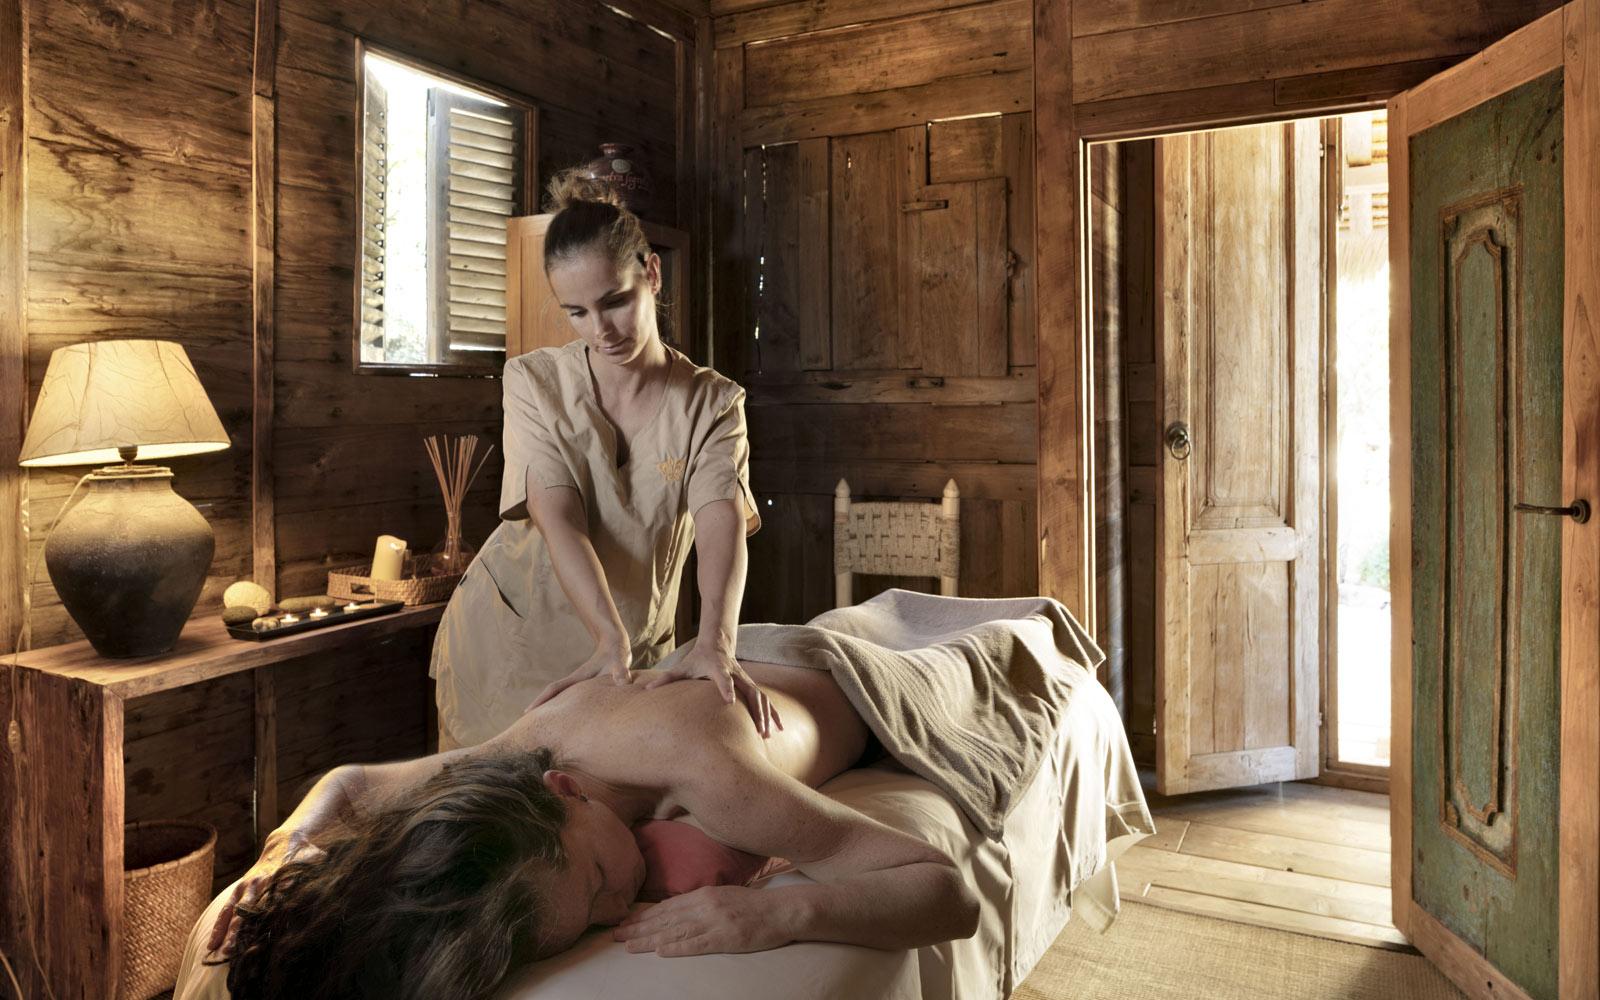 Petra Segreta Resort & Spa Wellness Centre